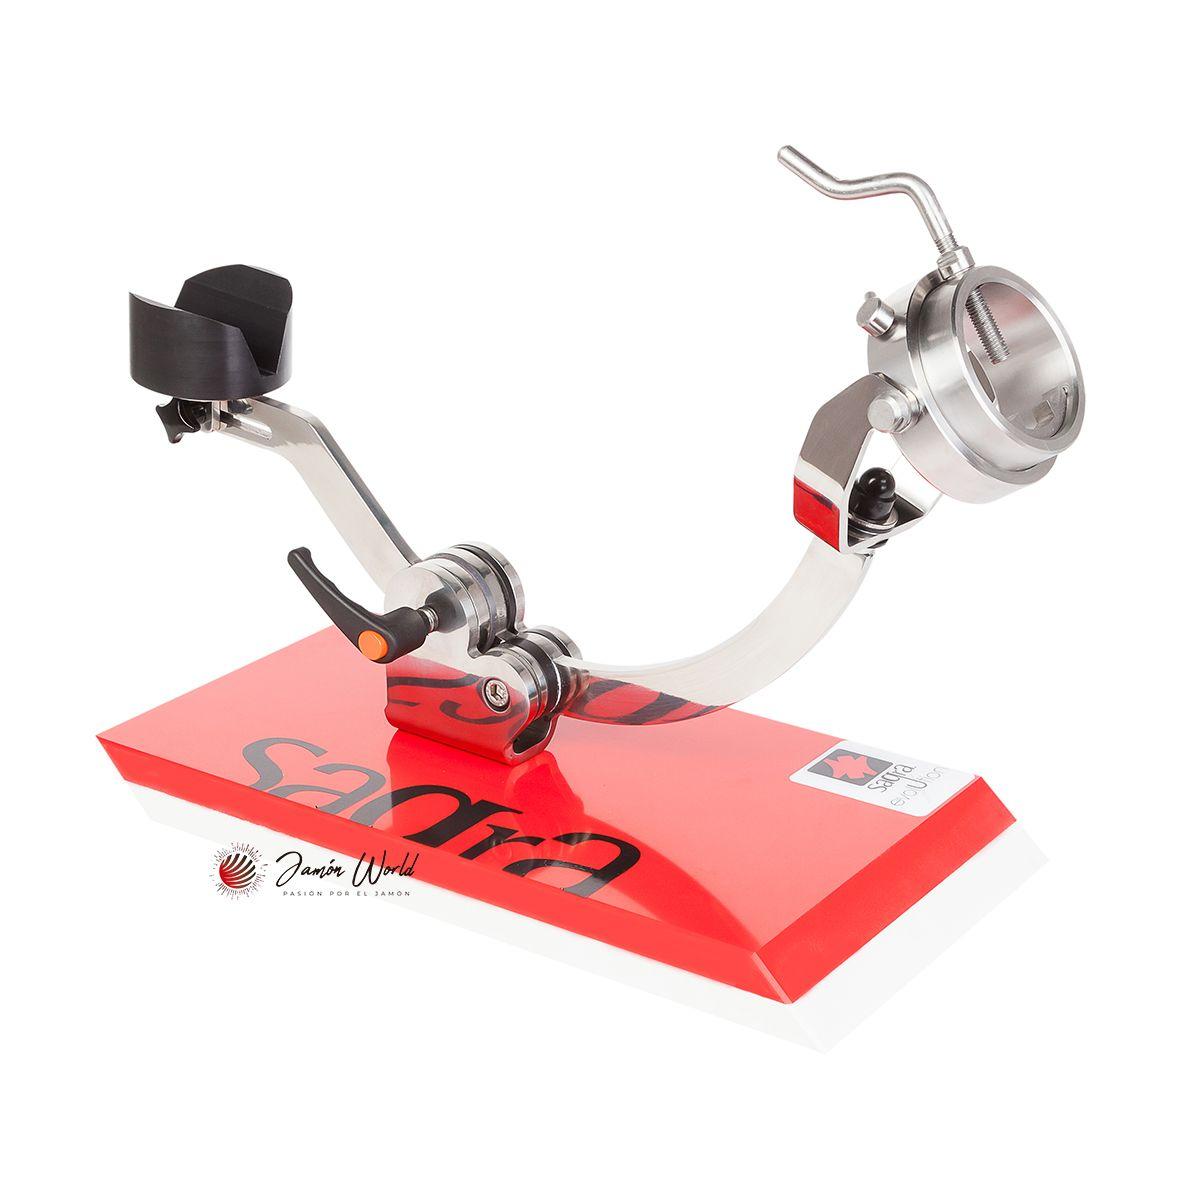 jamoenro sagra giratorio basculante E10 sagra 2cms rojo